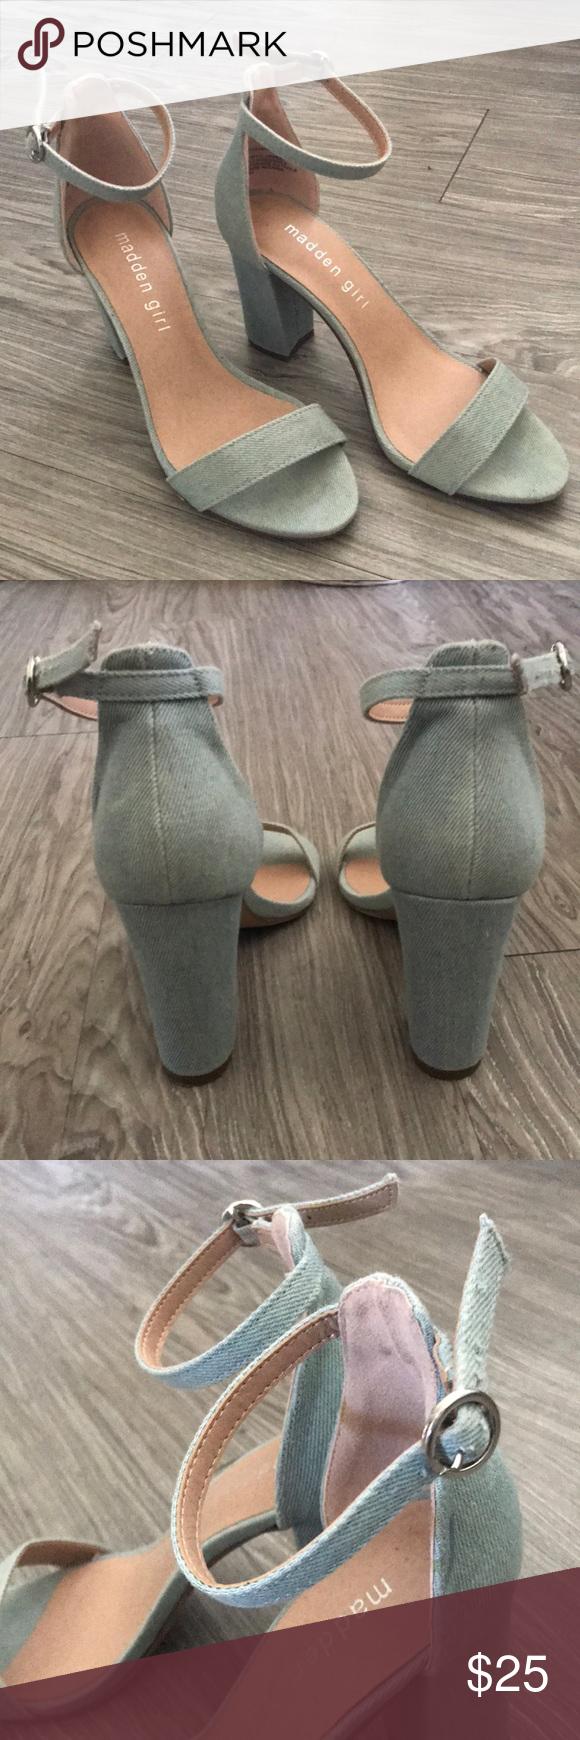 Steve Madden Bella heeled ankle strap